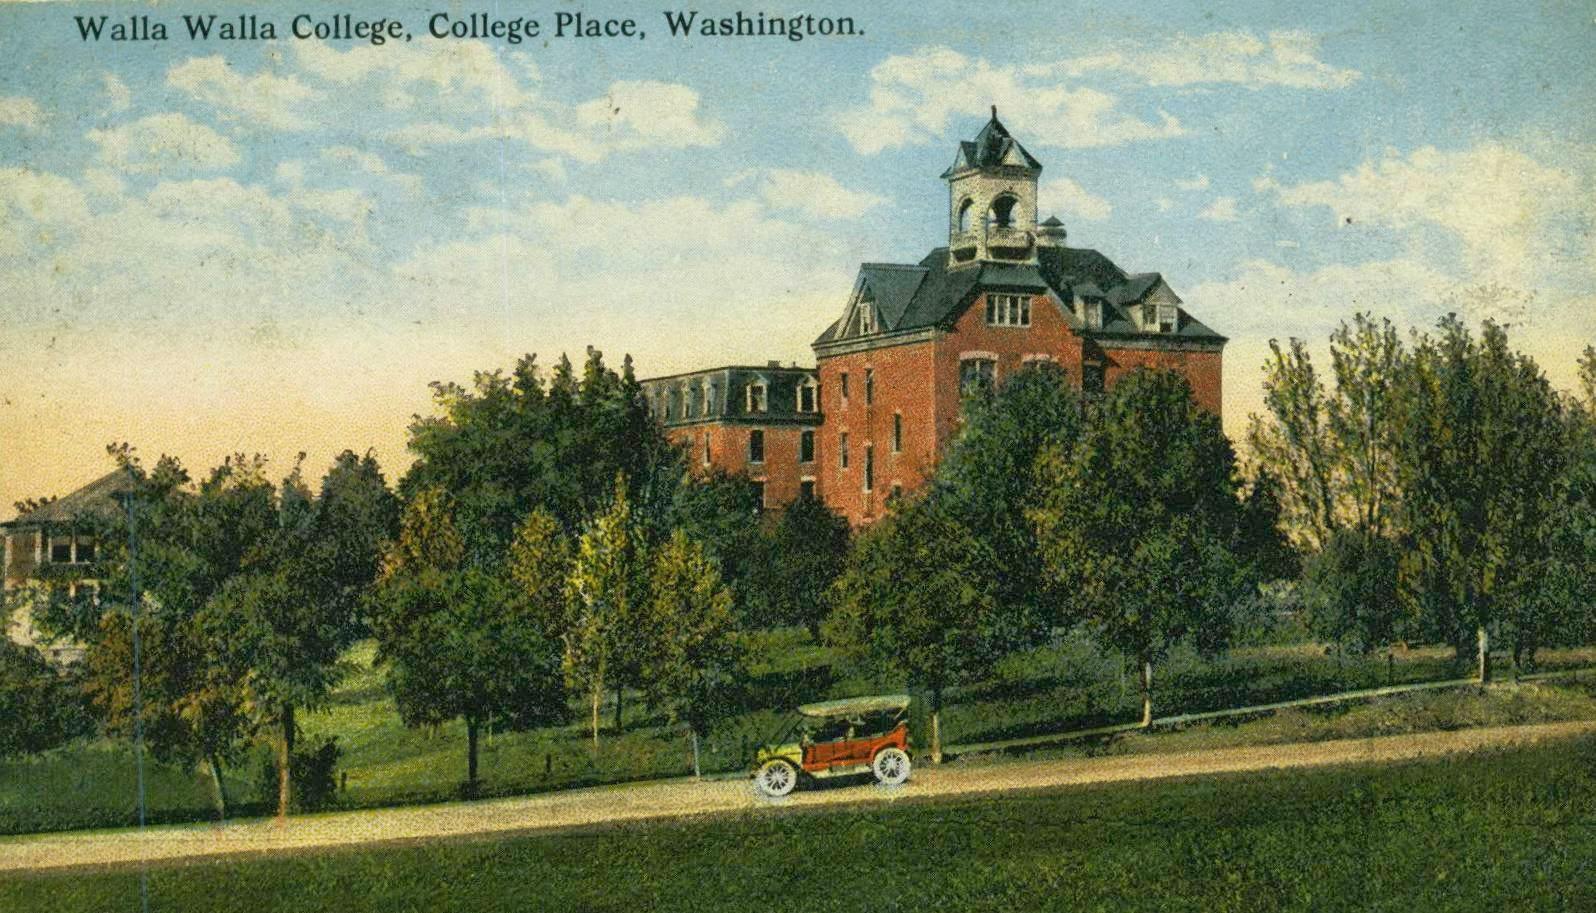 Walla walla, washington whitmans walla walla, washington campus doubles as an outdoor art museum